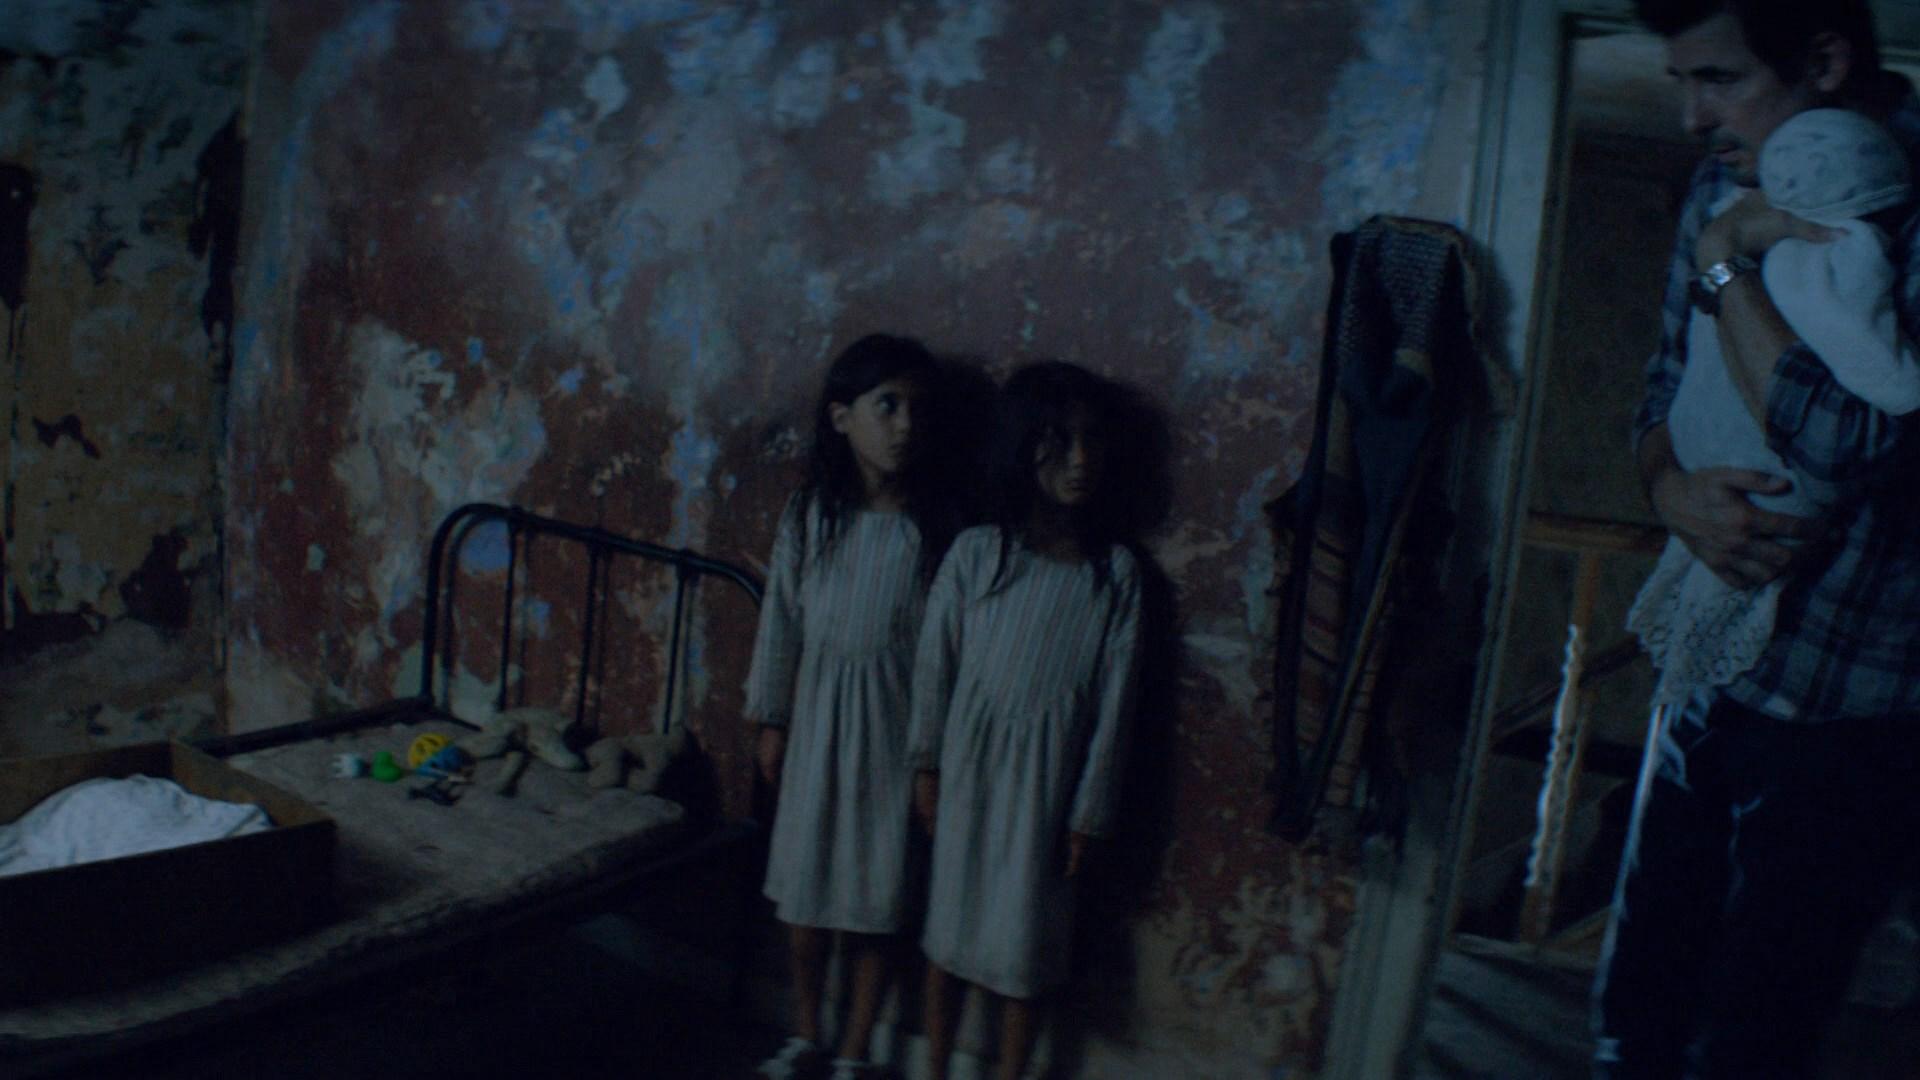 La Bahía Del Silencio (2020) 1080p WEB-DL AMZN